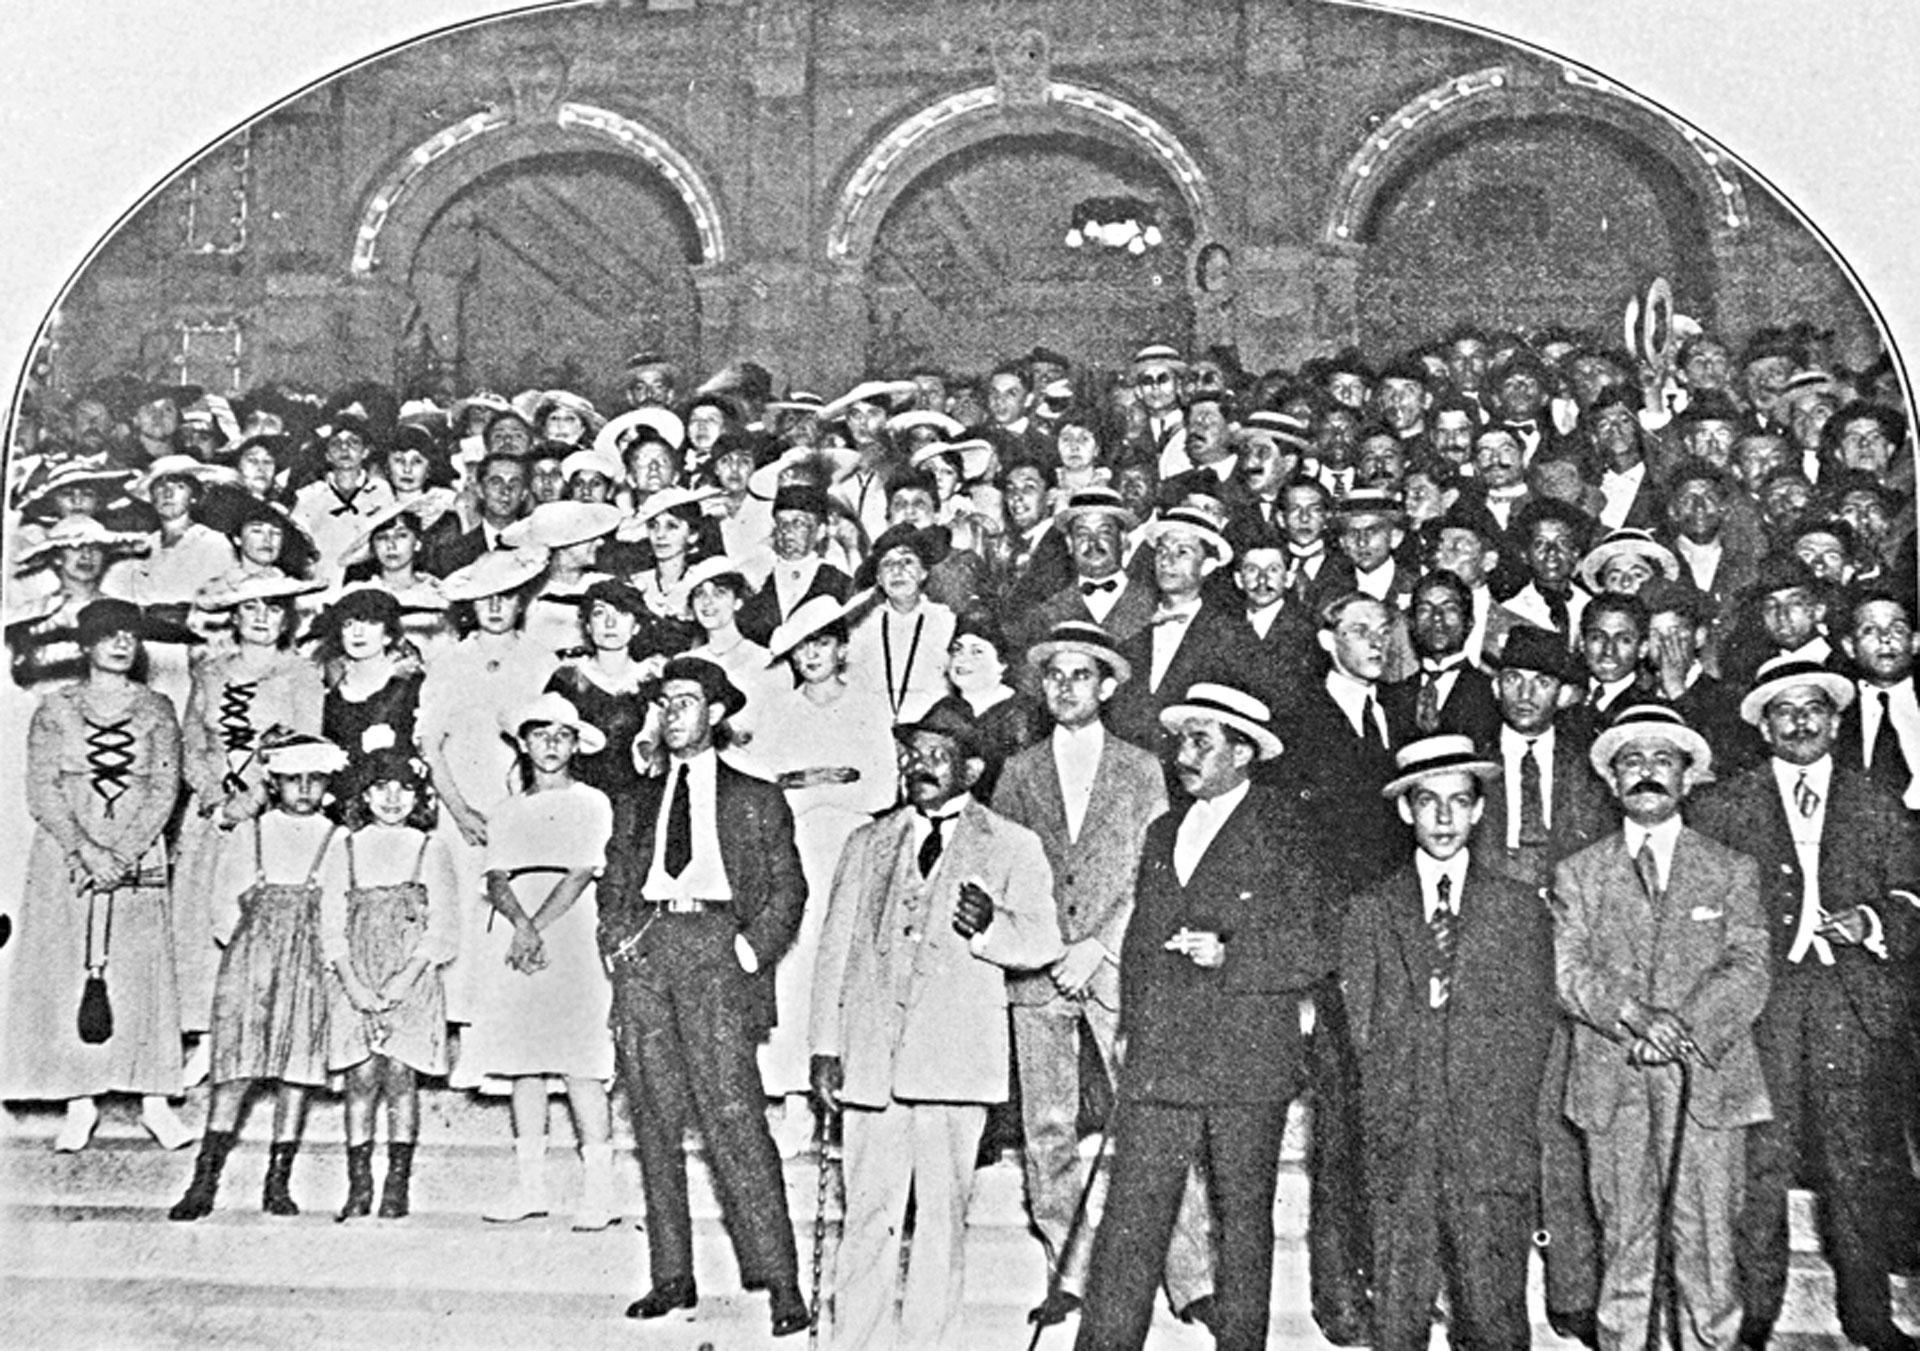 """Tucumán: """"Imponente resultó la manifestación patriótica realizada anoche por la comisión del centenario, saludando el año que hoy se inicia y que rememora el primer siglo de la declaración de independencia de las Provincias Unidas del Plata"""", decía el diario La Gaceta."""